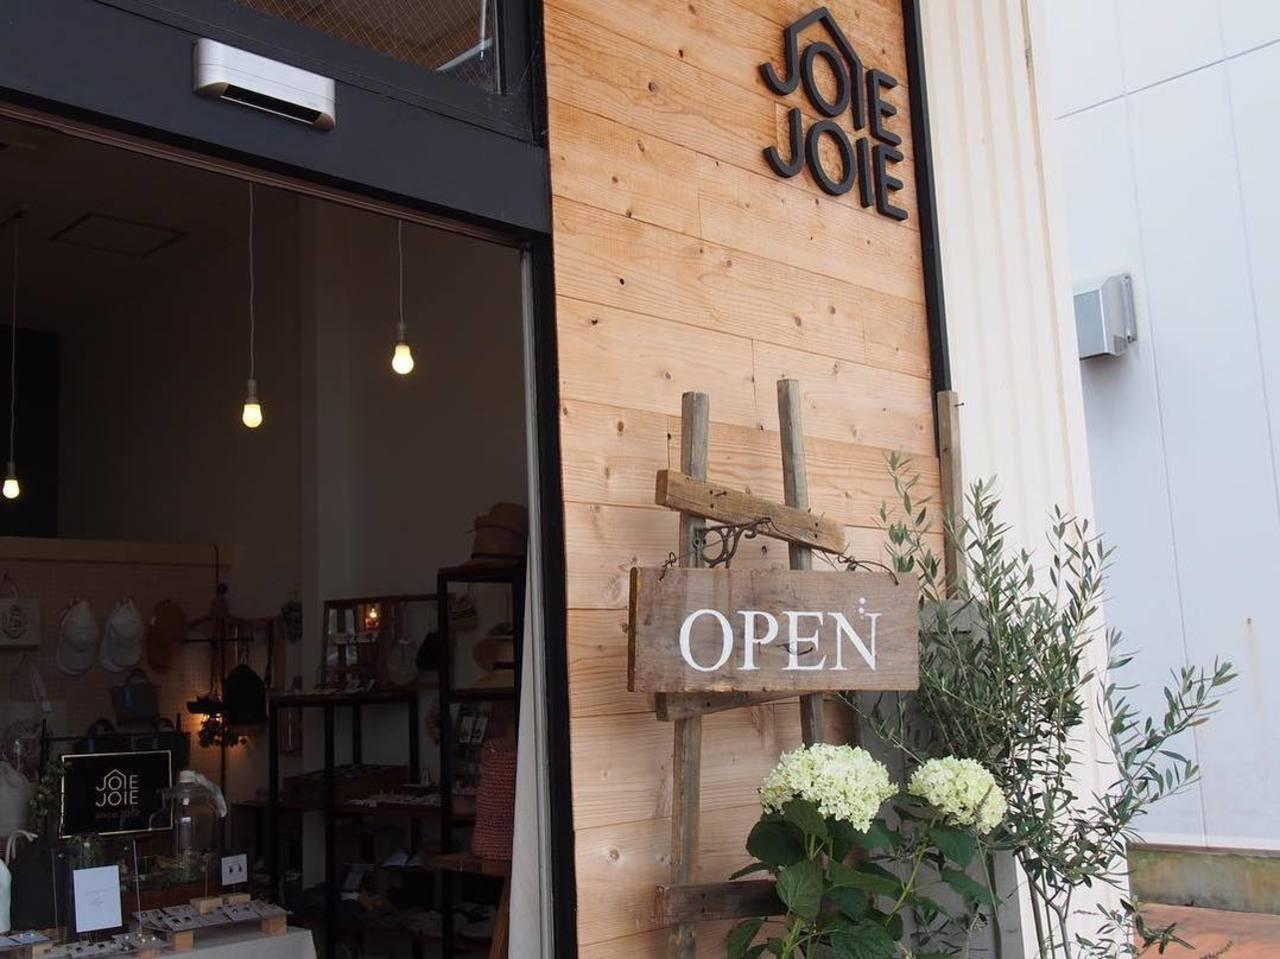 【 JOIEJOIE 】雑貨屋(愛知県額田郡)